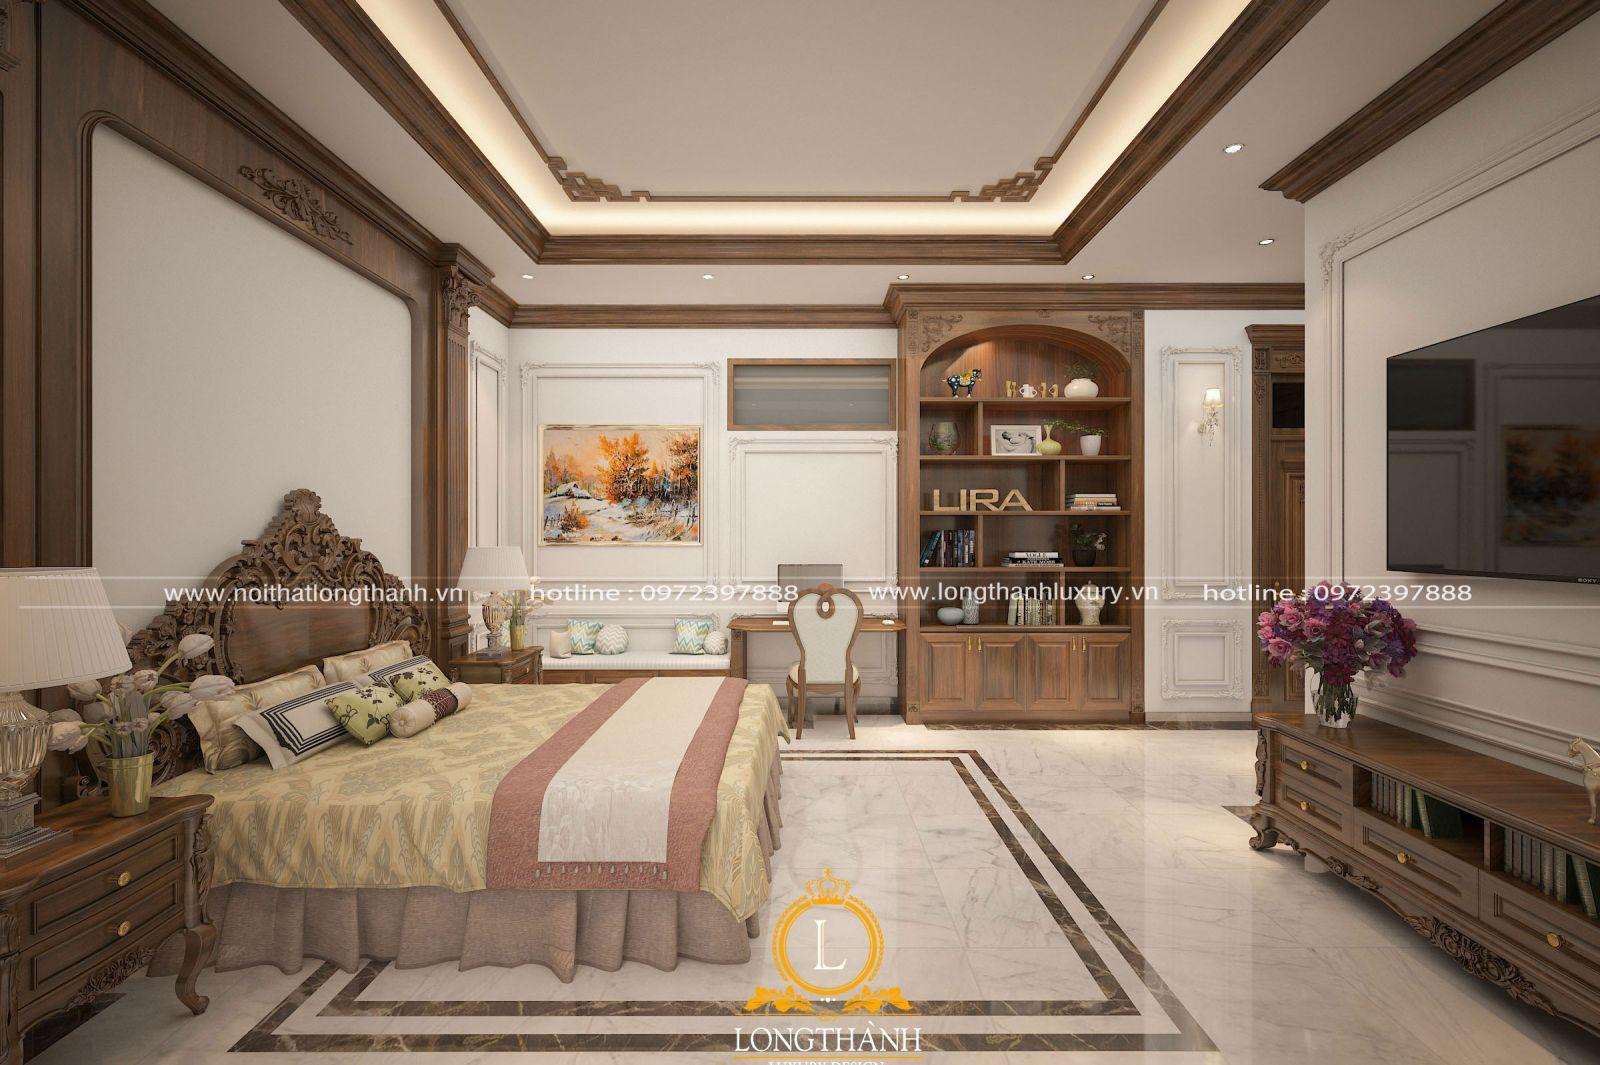 Không gian nội thất thông thoáng và tối ưu công năng